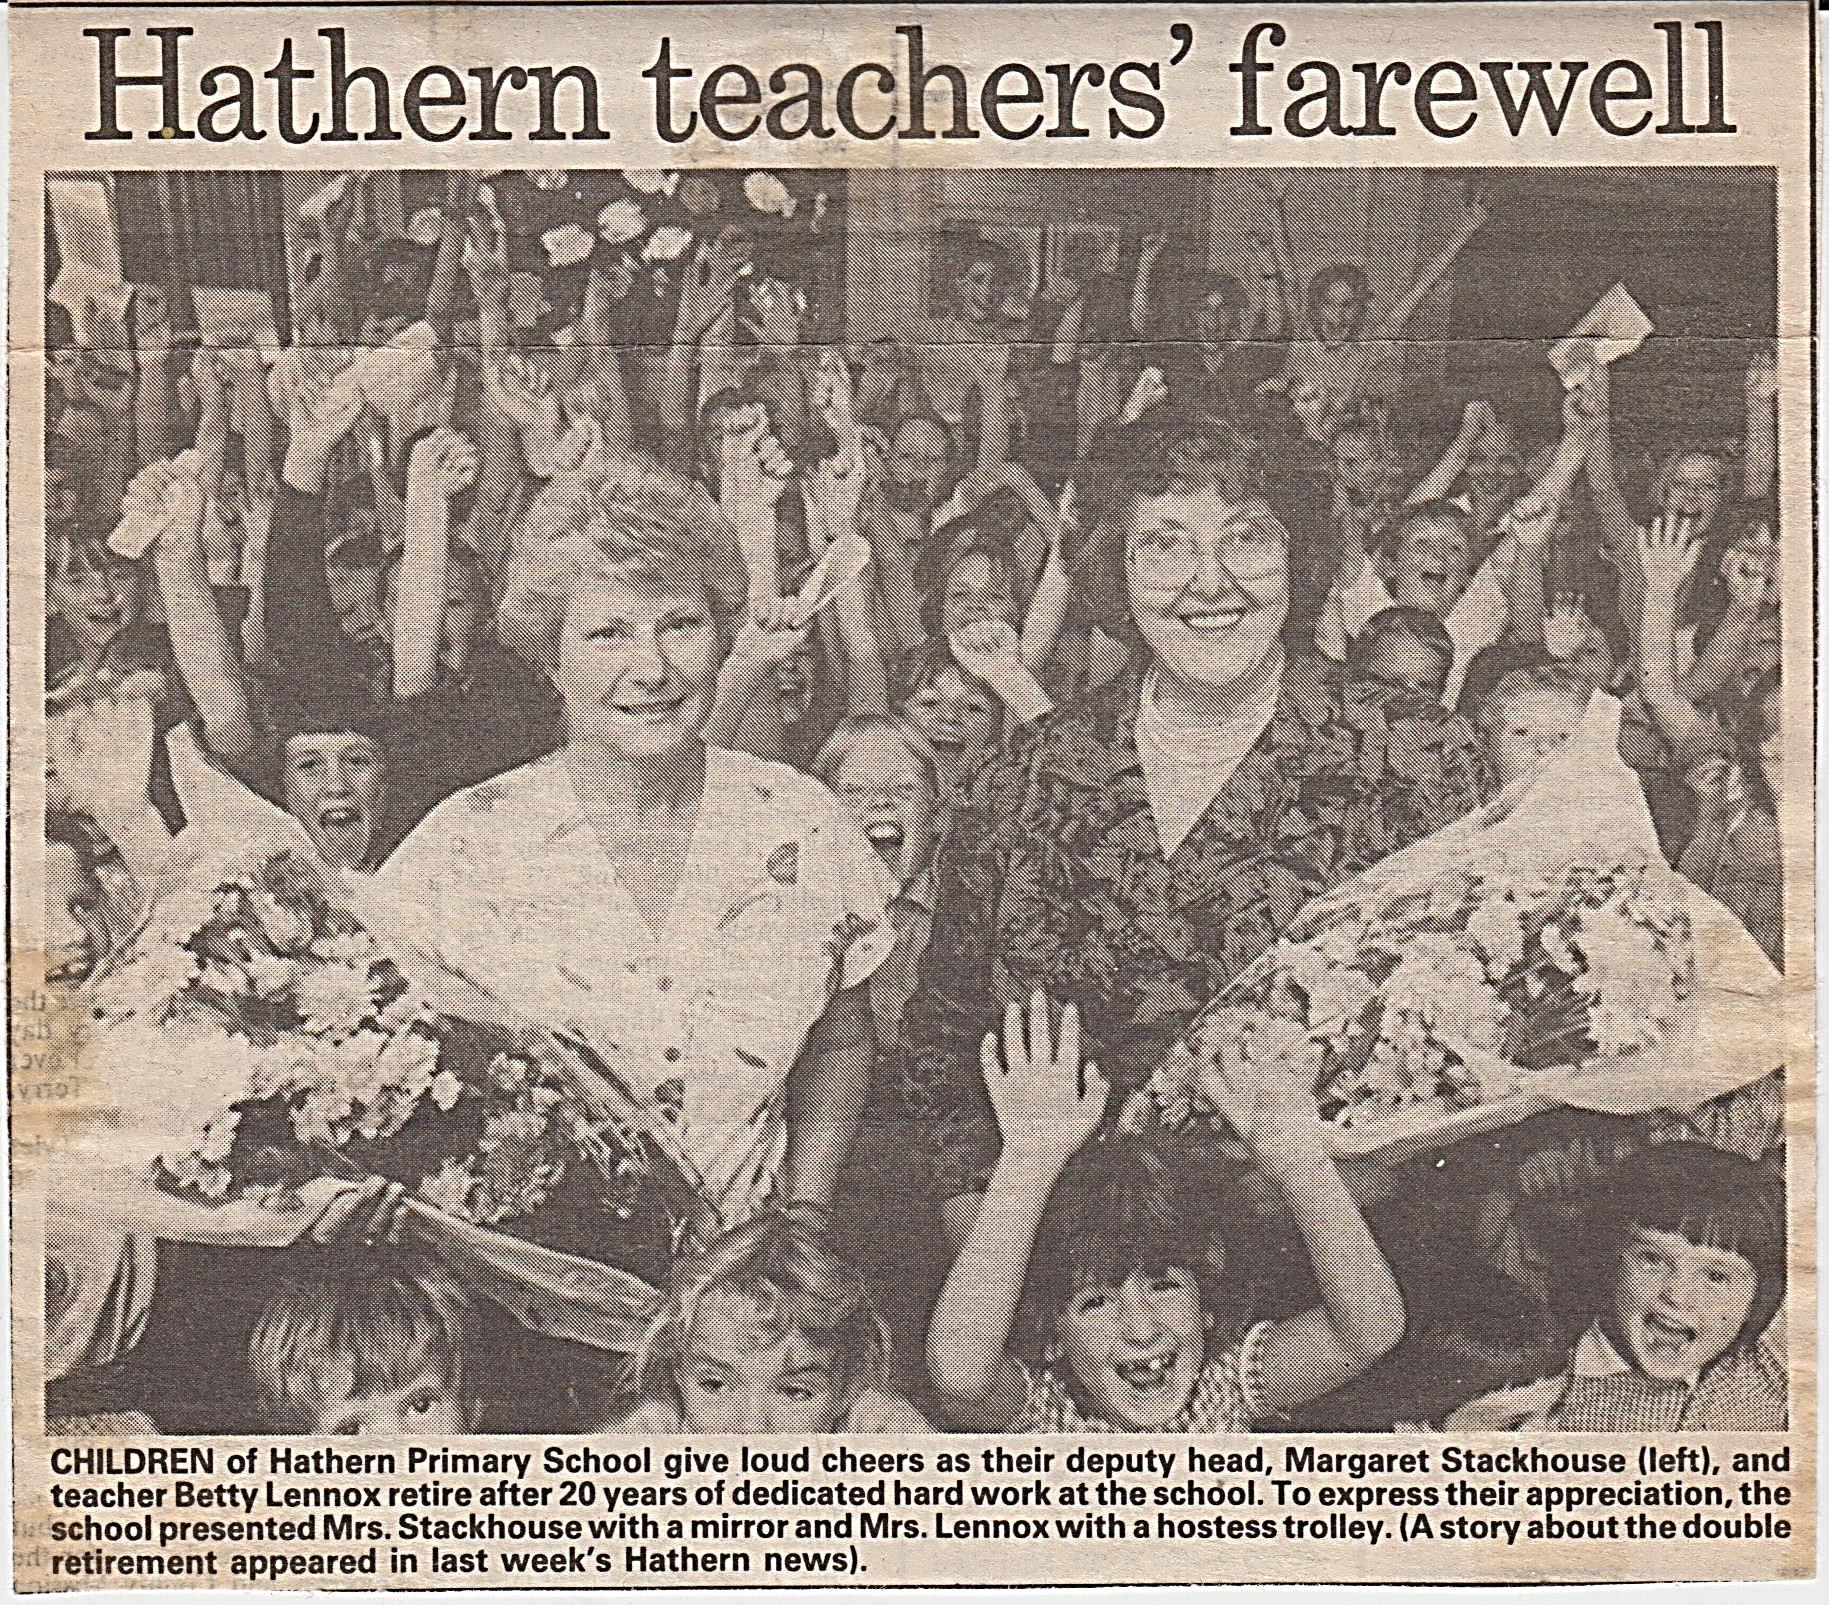 teachers_farewell_001.jpg